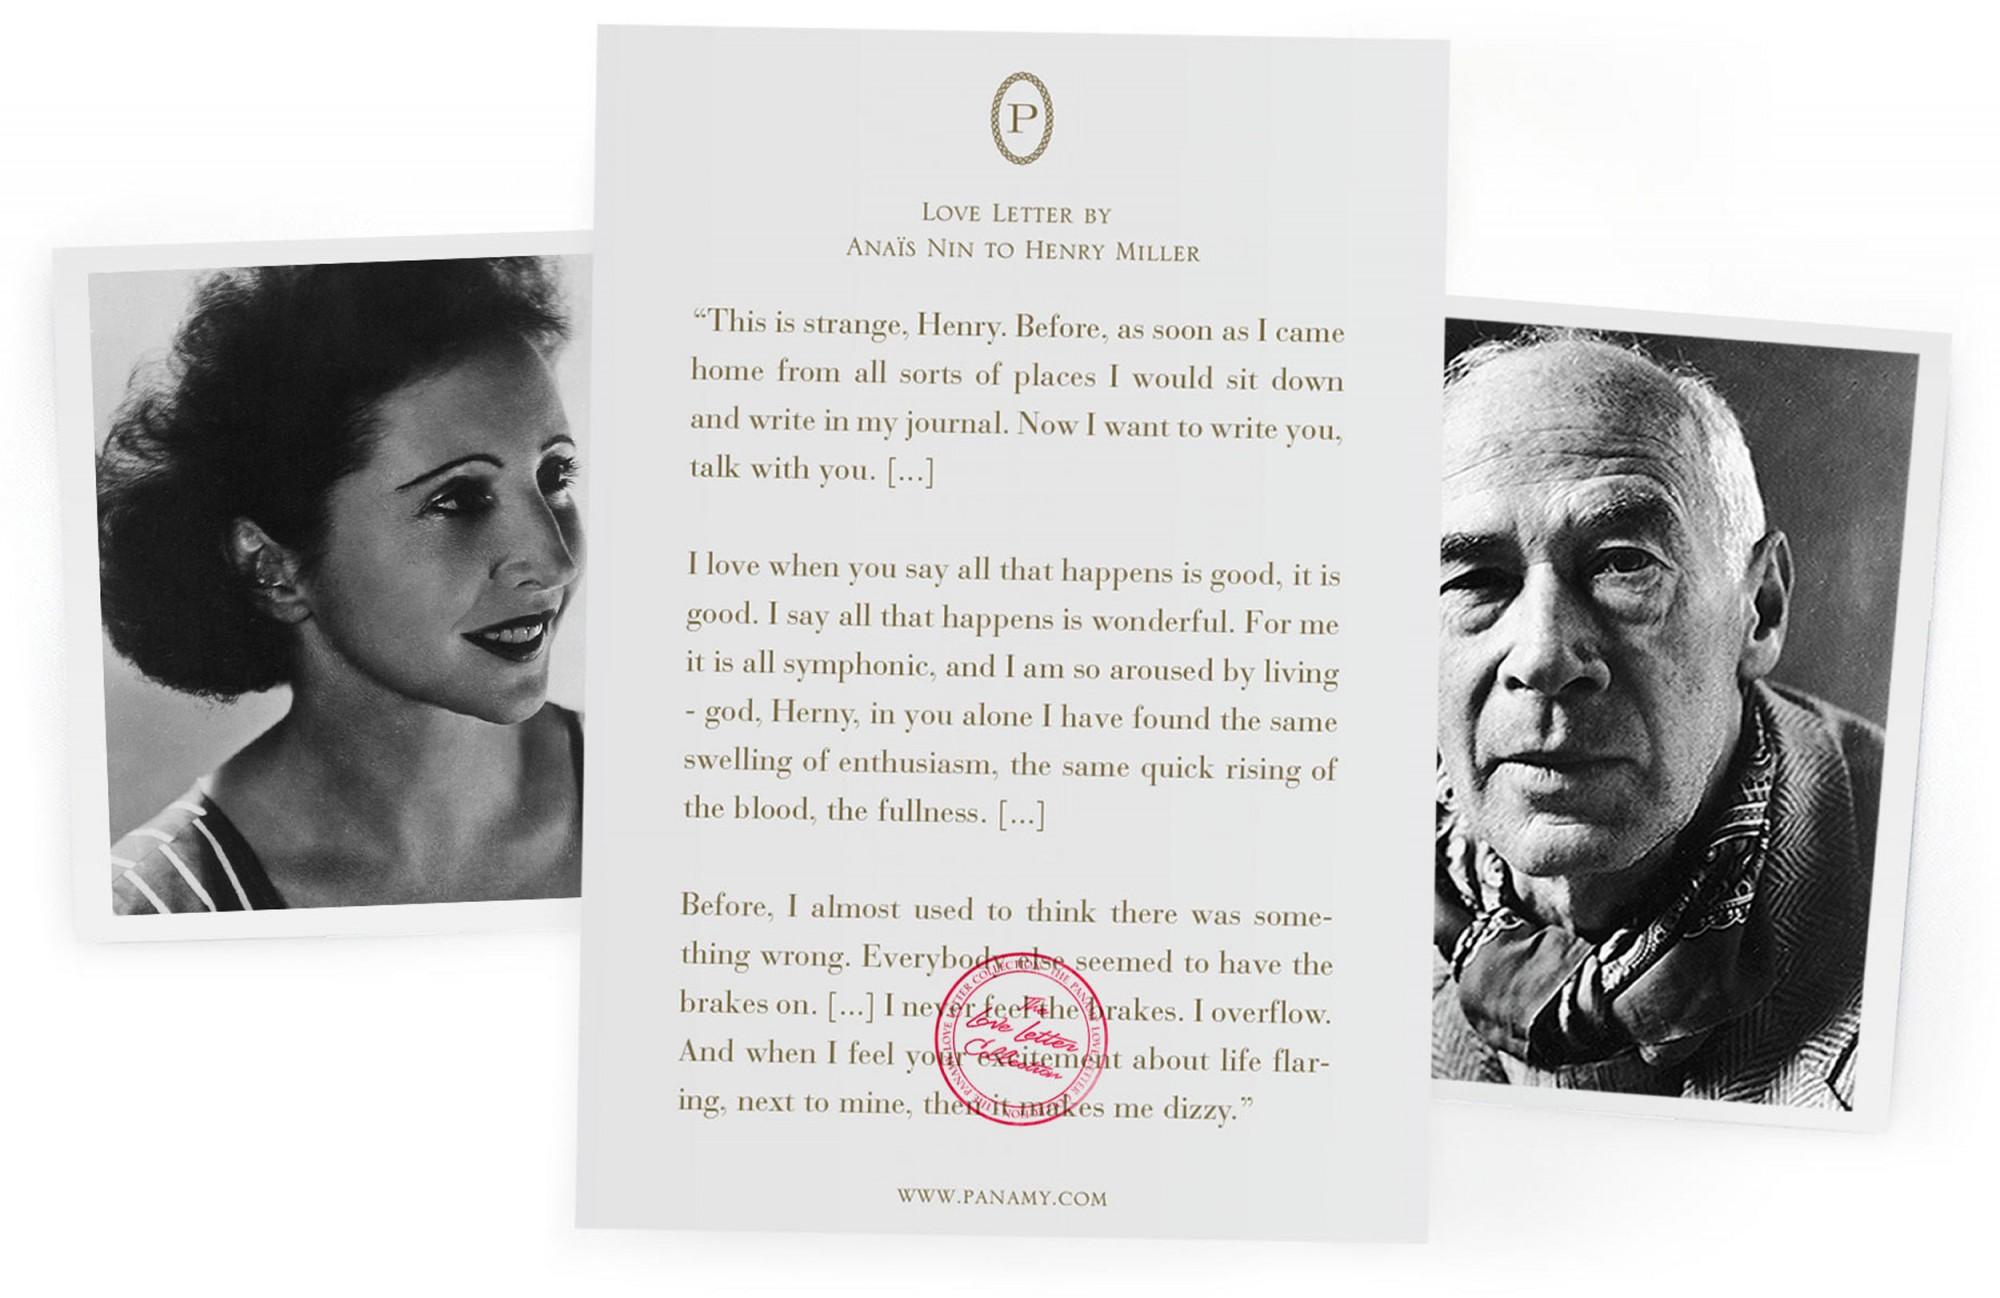 Anais Nin & Henry Miller - Frida Kahlo & Diego Rivera - Der Valentins Tag Führer - PANAMY Blumen versenden in der Schweiz, Blumenversand Schweiz Zürich, Basel, Bern, St Gallen, Zug